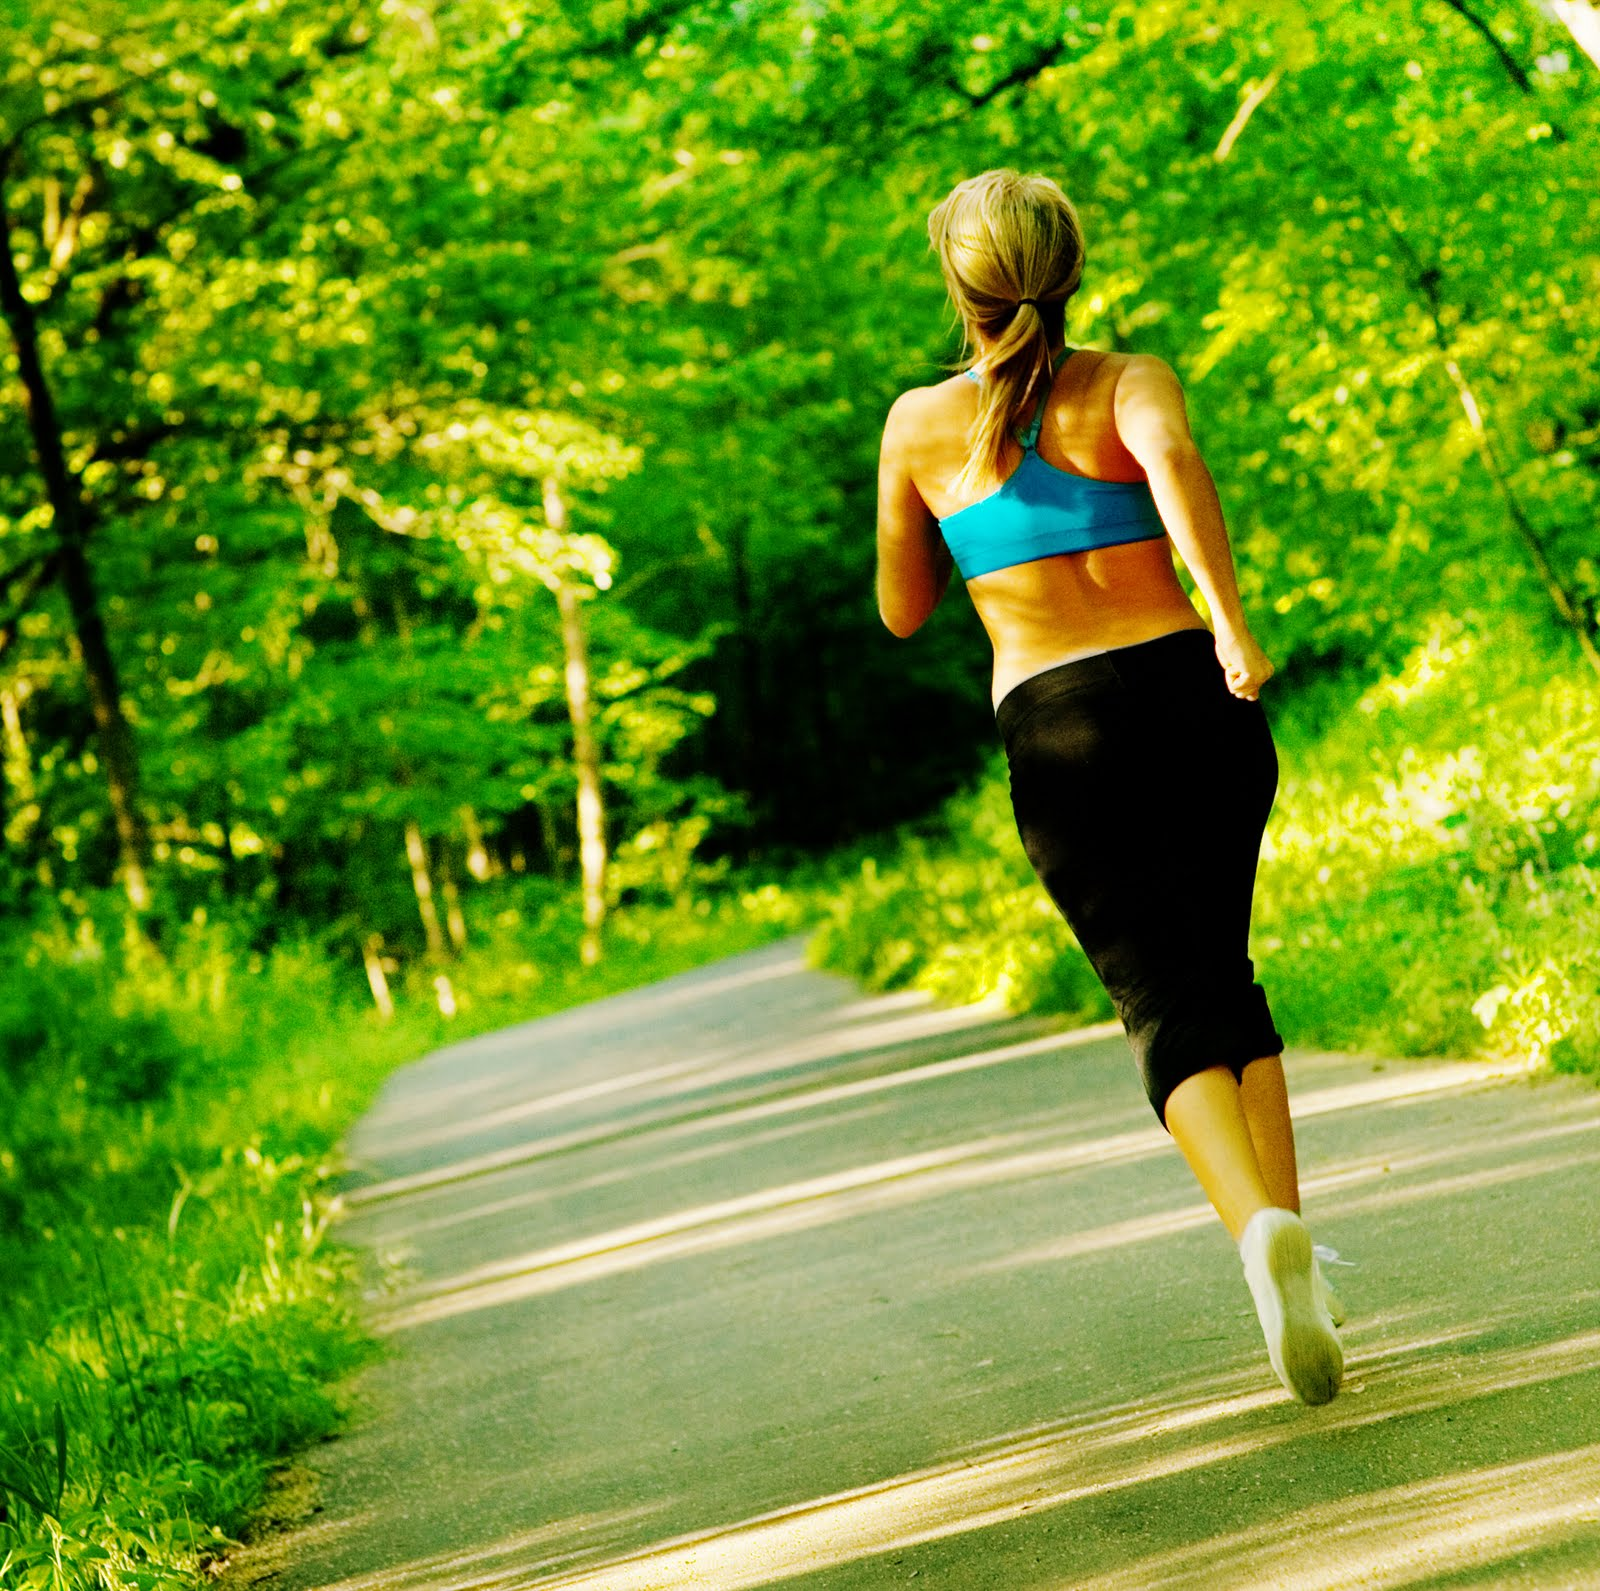 come si deve correre per perdere peso